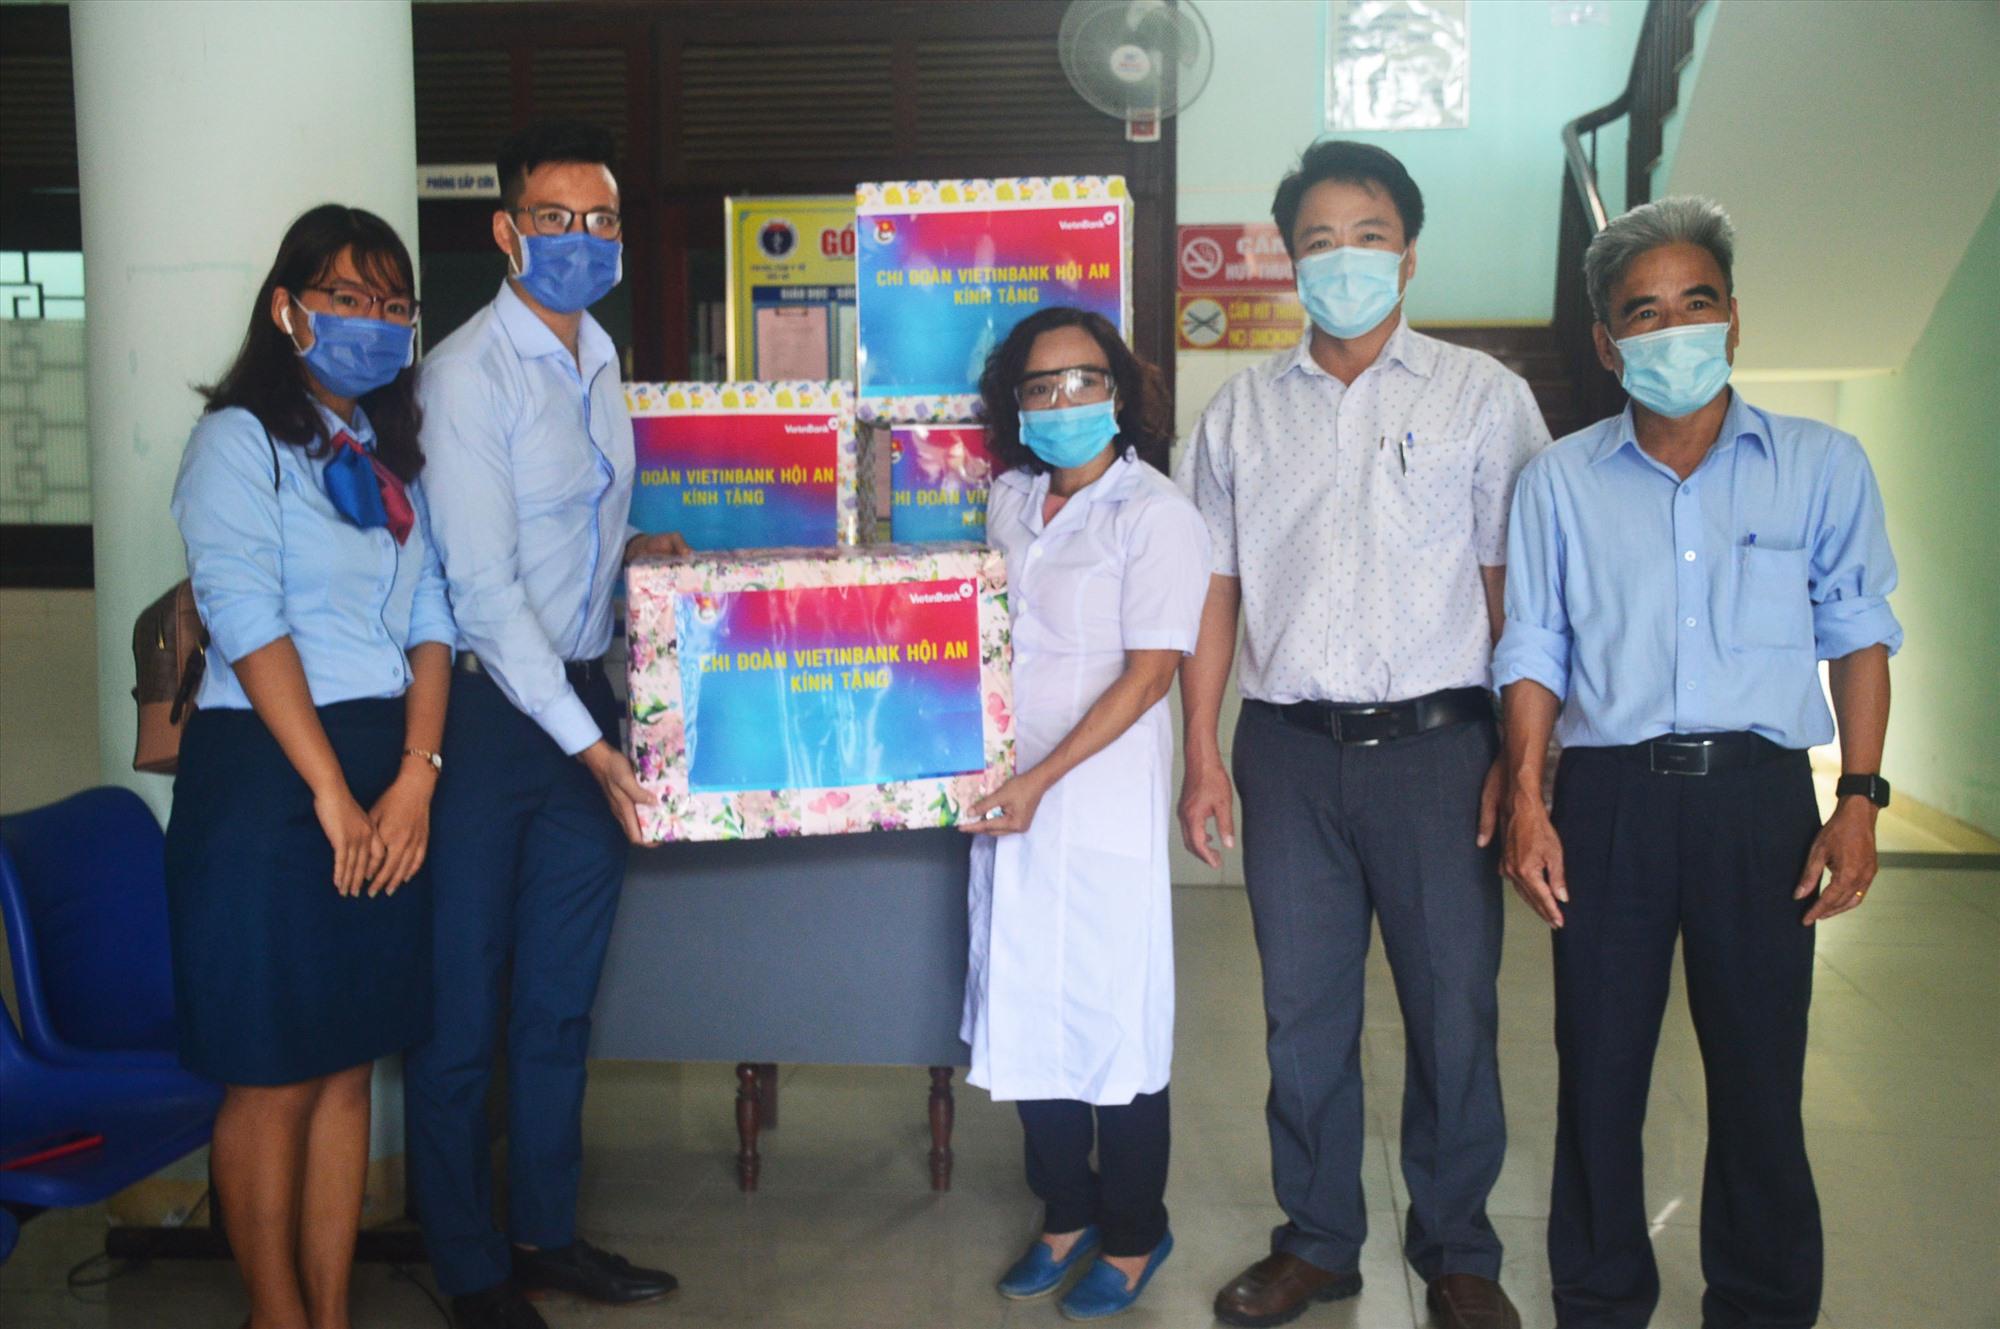 Chi đoàn Vietinbank Hội An trao 2.000 khẩu trang y tế và khẩu trang vải tiếp sức cho y tế địa phương. Ảnh: Q.T